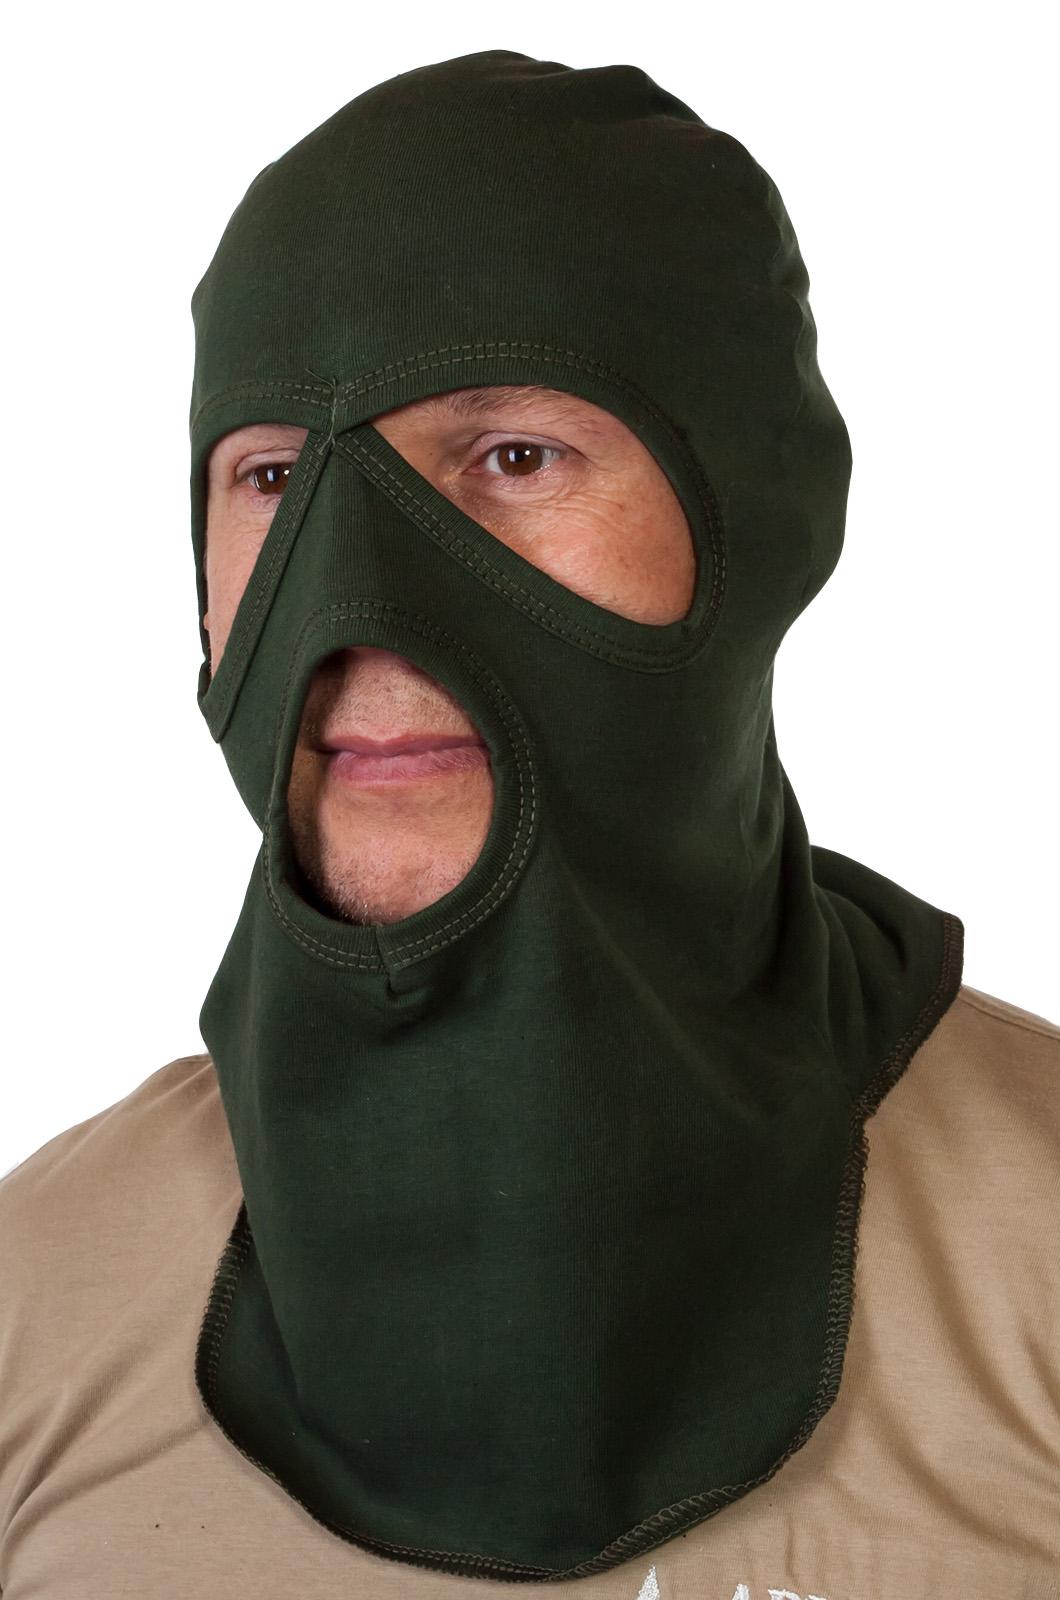 Купить в Москве маску балаклаву на лицо